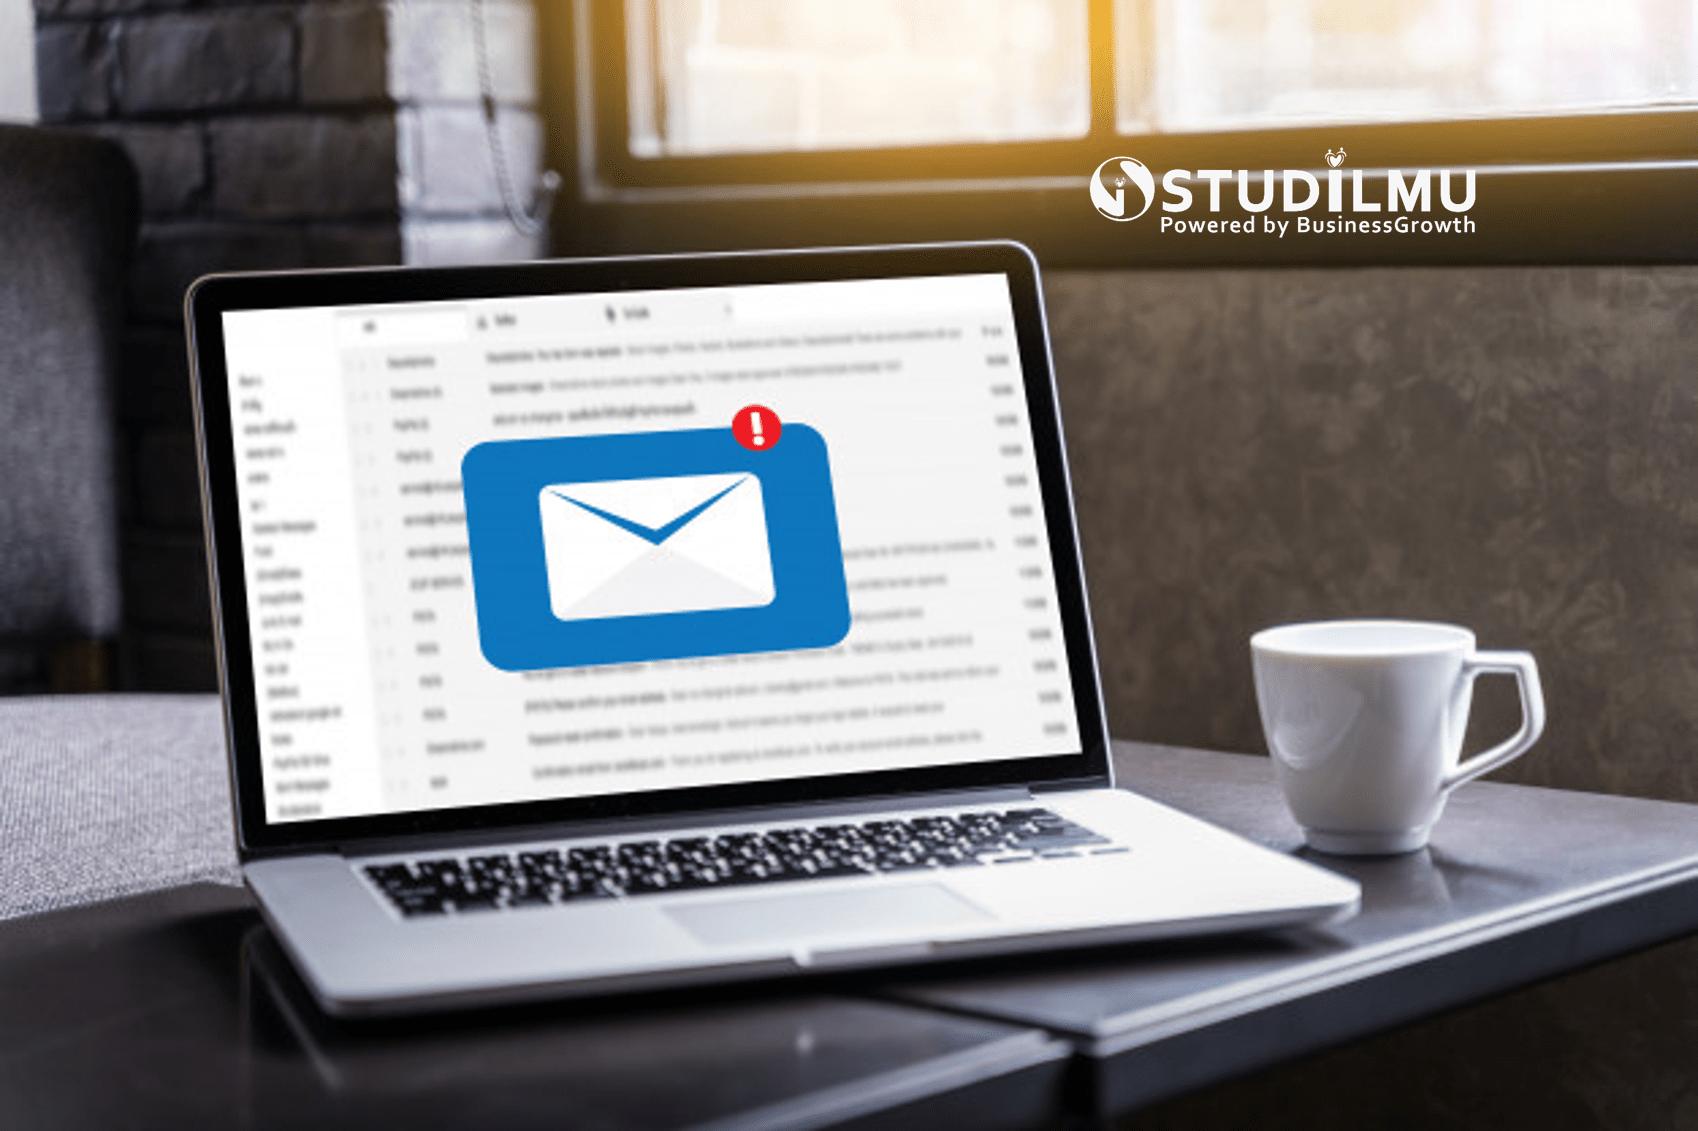 STUDILMU Career Advice - 6 Etika Penulisan Email di Tempat Kerja